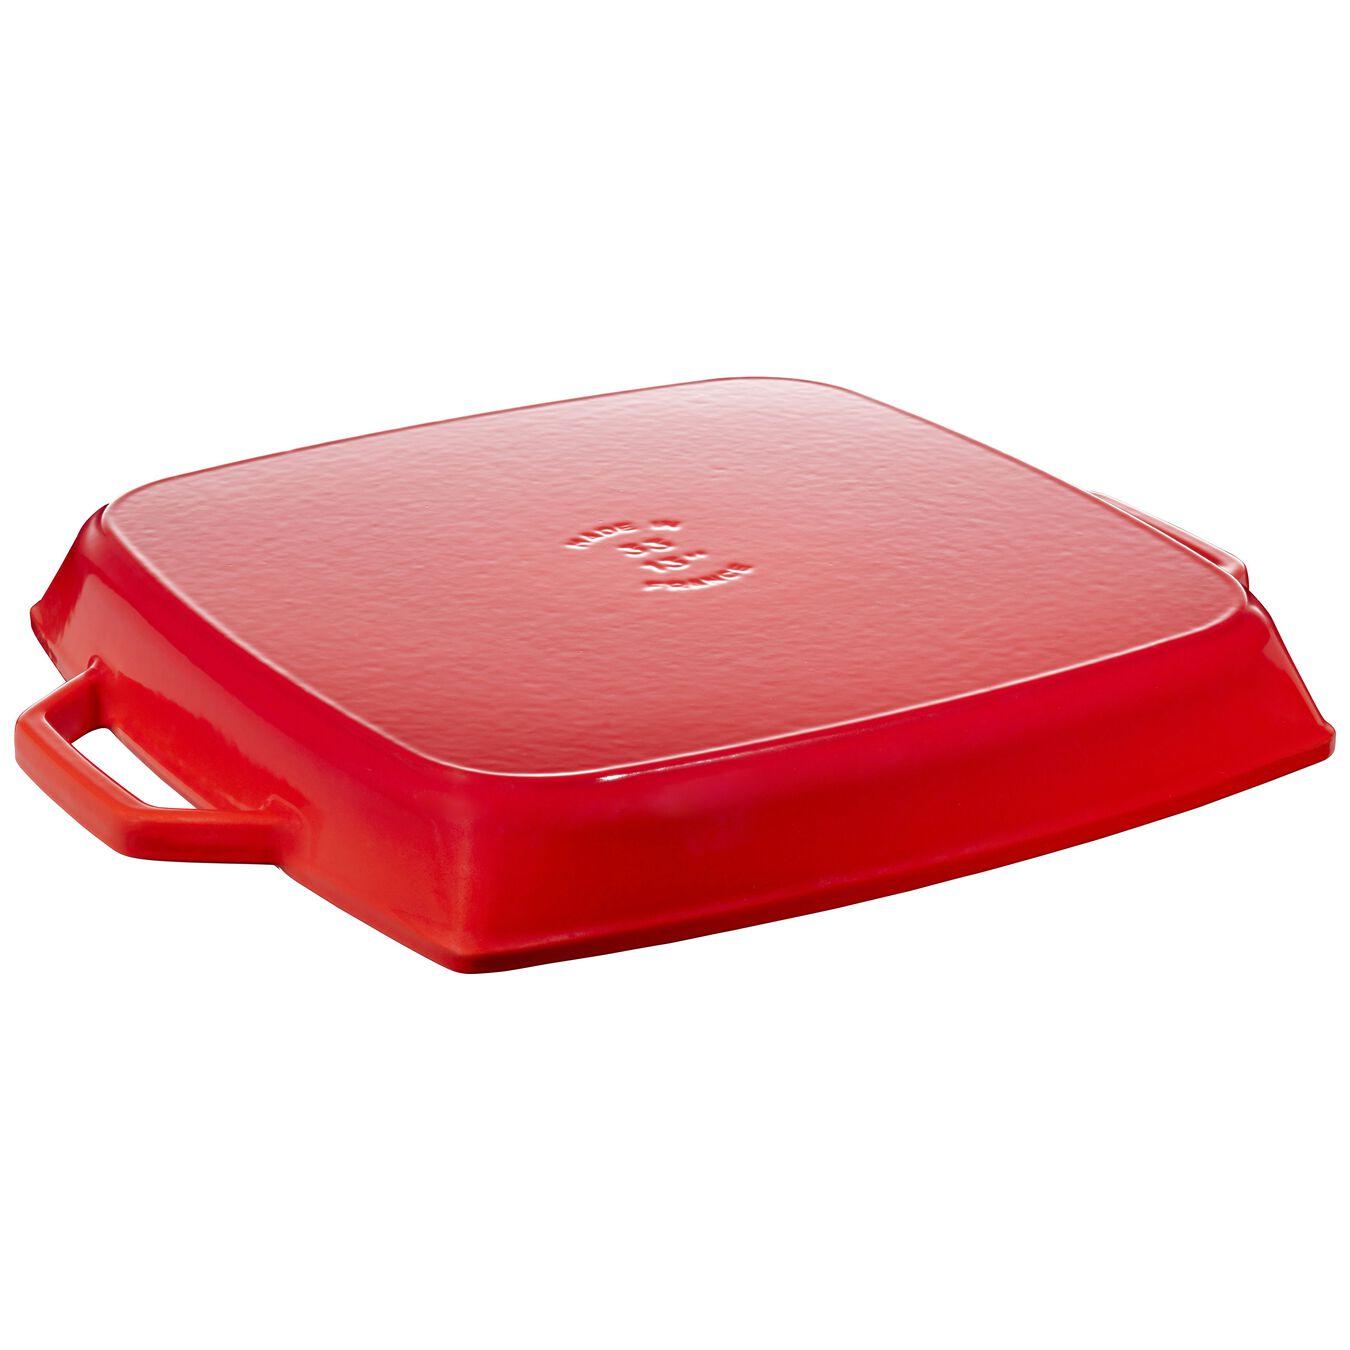 Grelha com duas alças 53 cm x 33 cm, Ferro fundido, Vermelho cereja,,large 2